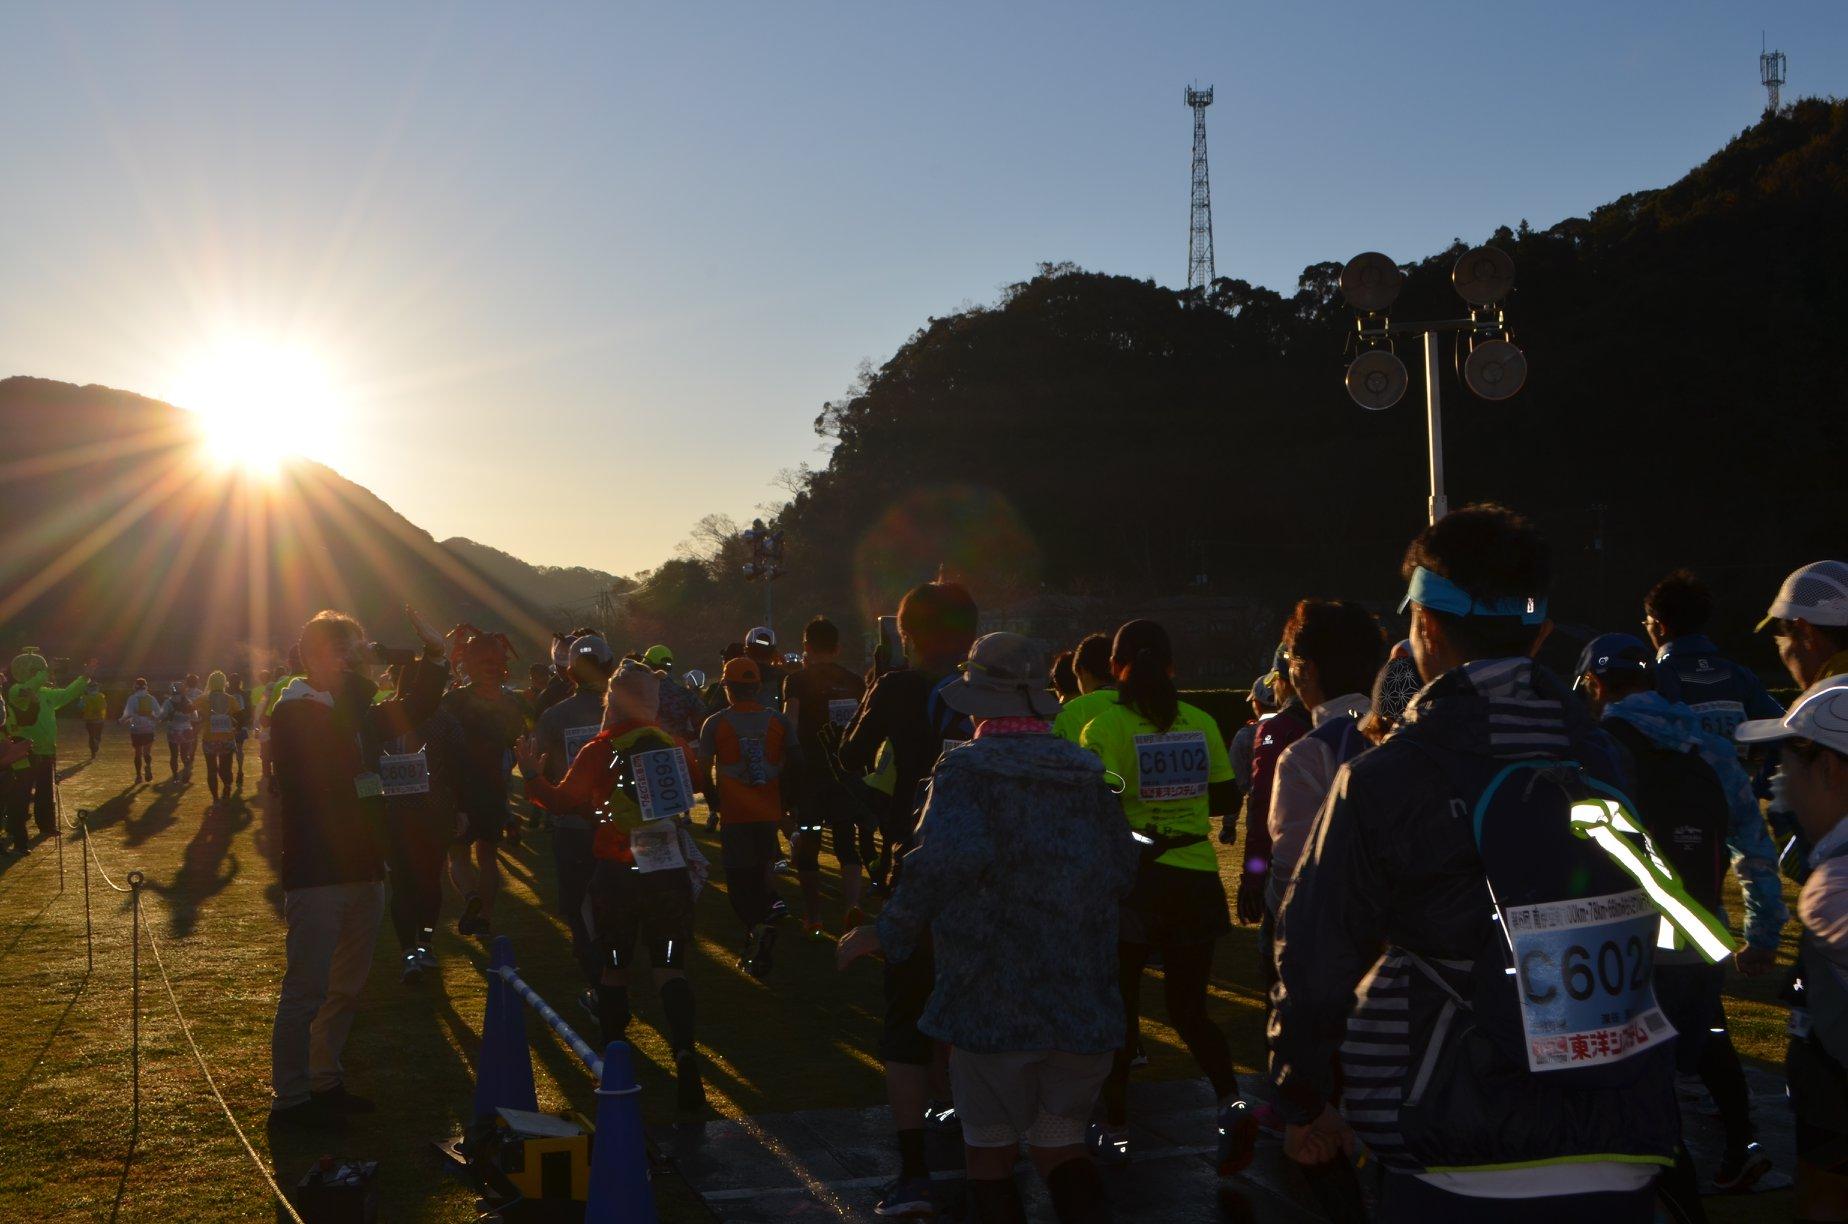 第7回 南伊豆町100km・78km・66kmみちくさウルトラマラソン